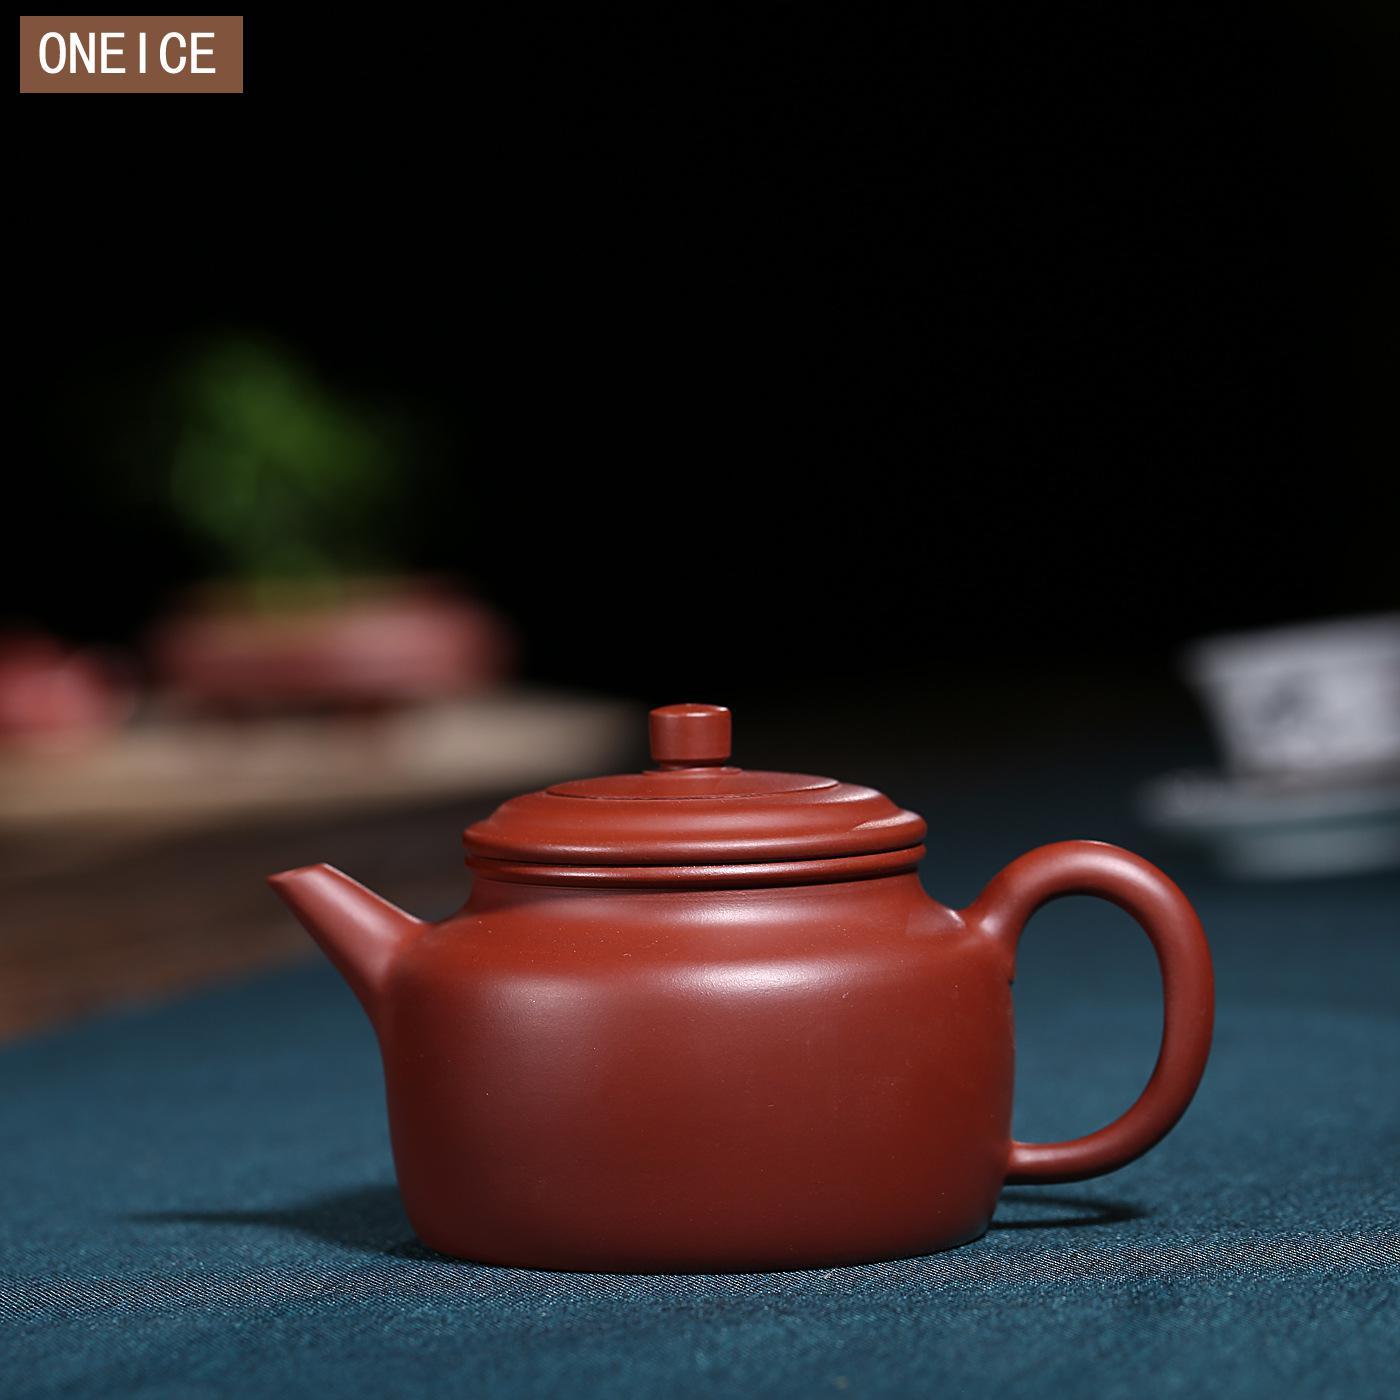 Yixing Autentico Yixing Minerale Zhu Fango Dahongpao Tedesco Campana Pot 250cc Mano Famosi-in Teiere da Casa e giardino su  Gruppo 1